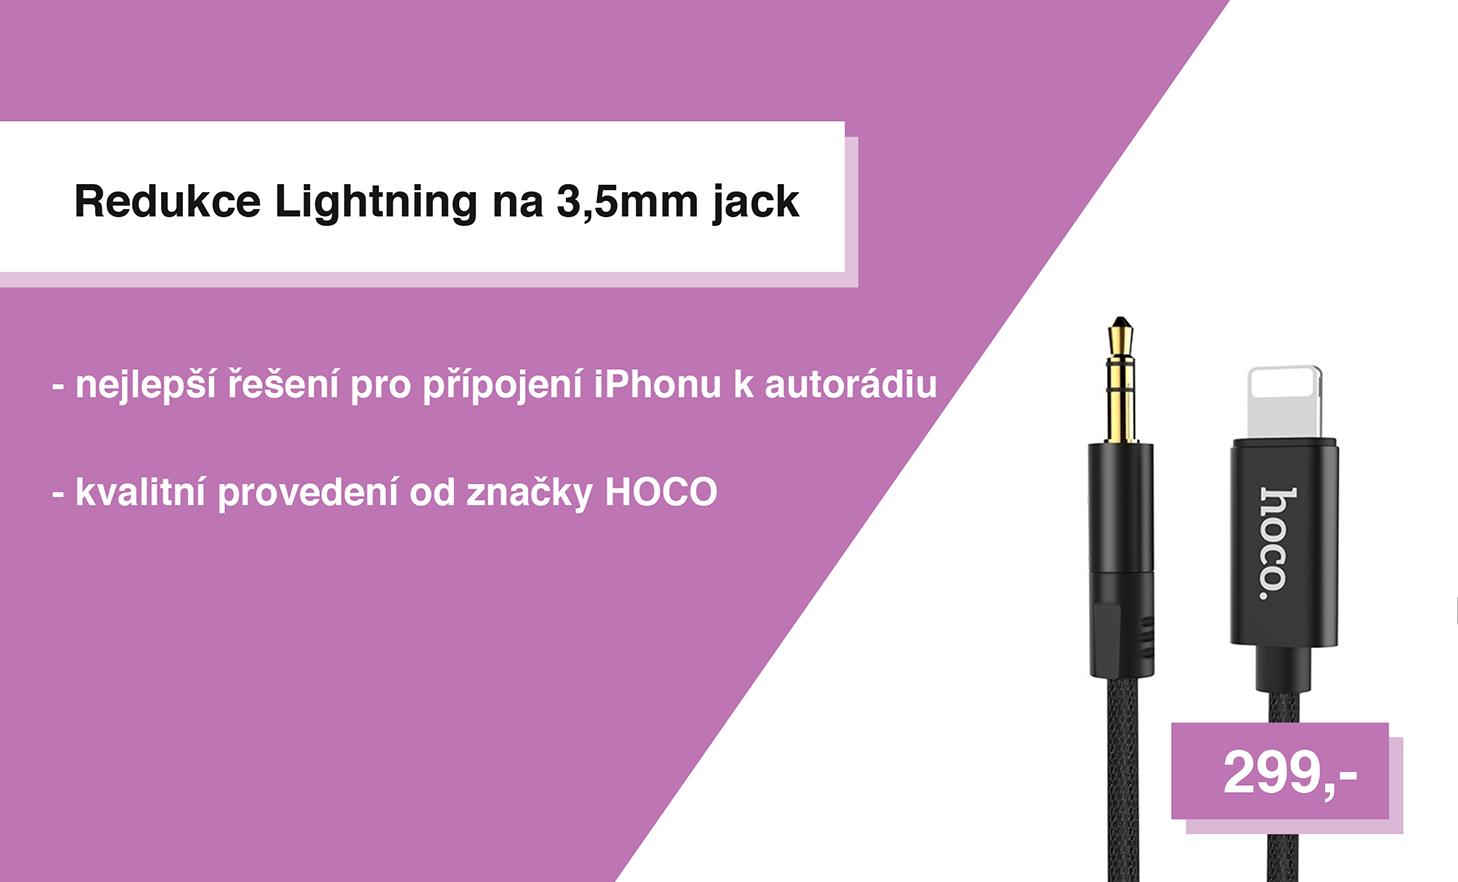 Redukce Lightning na 3,5mm jack